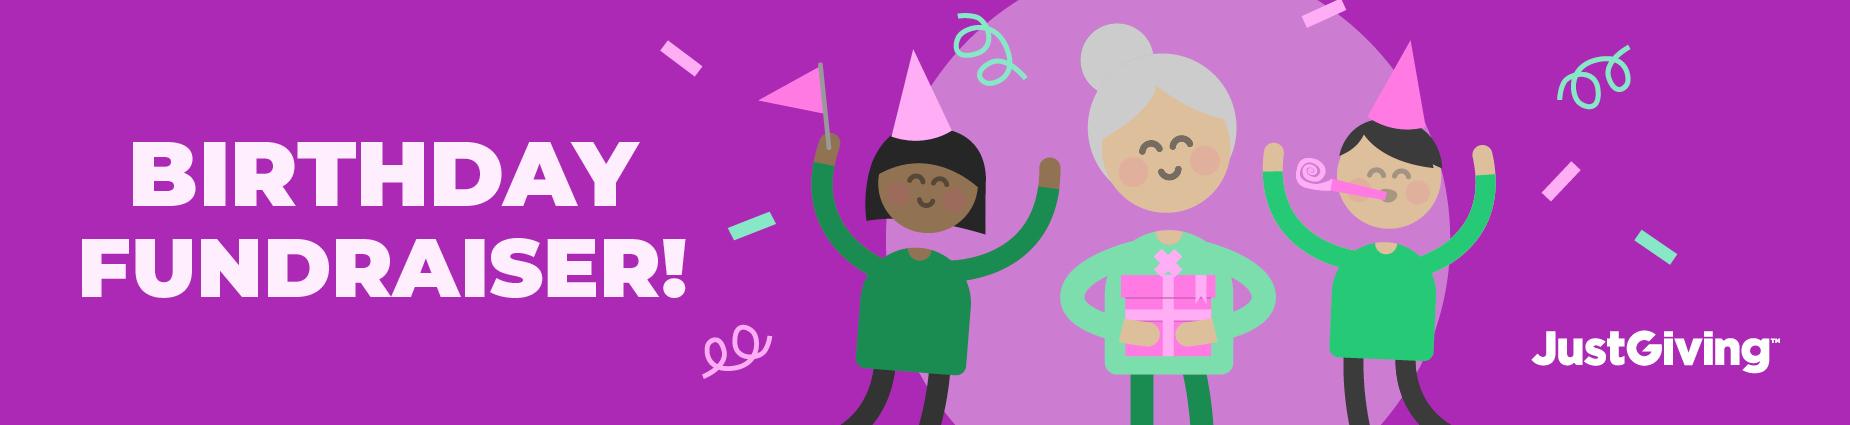 birthday_fundraiser_header-02